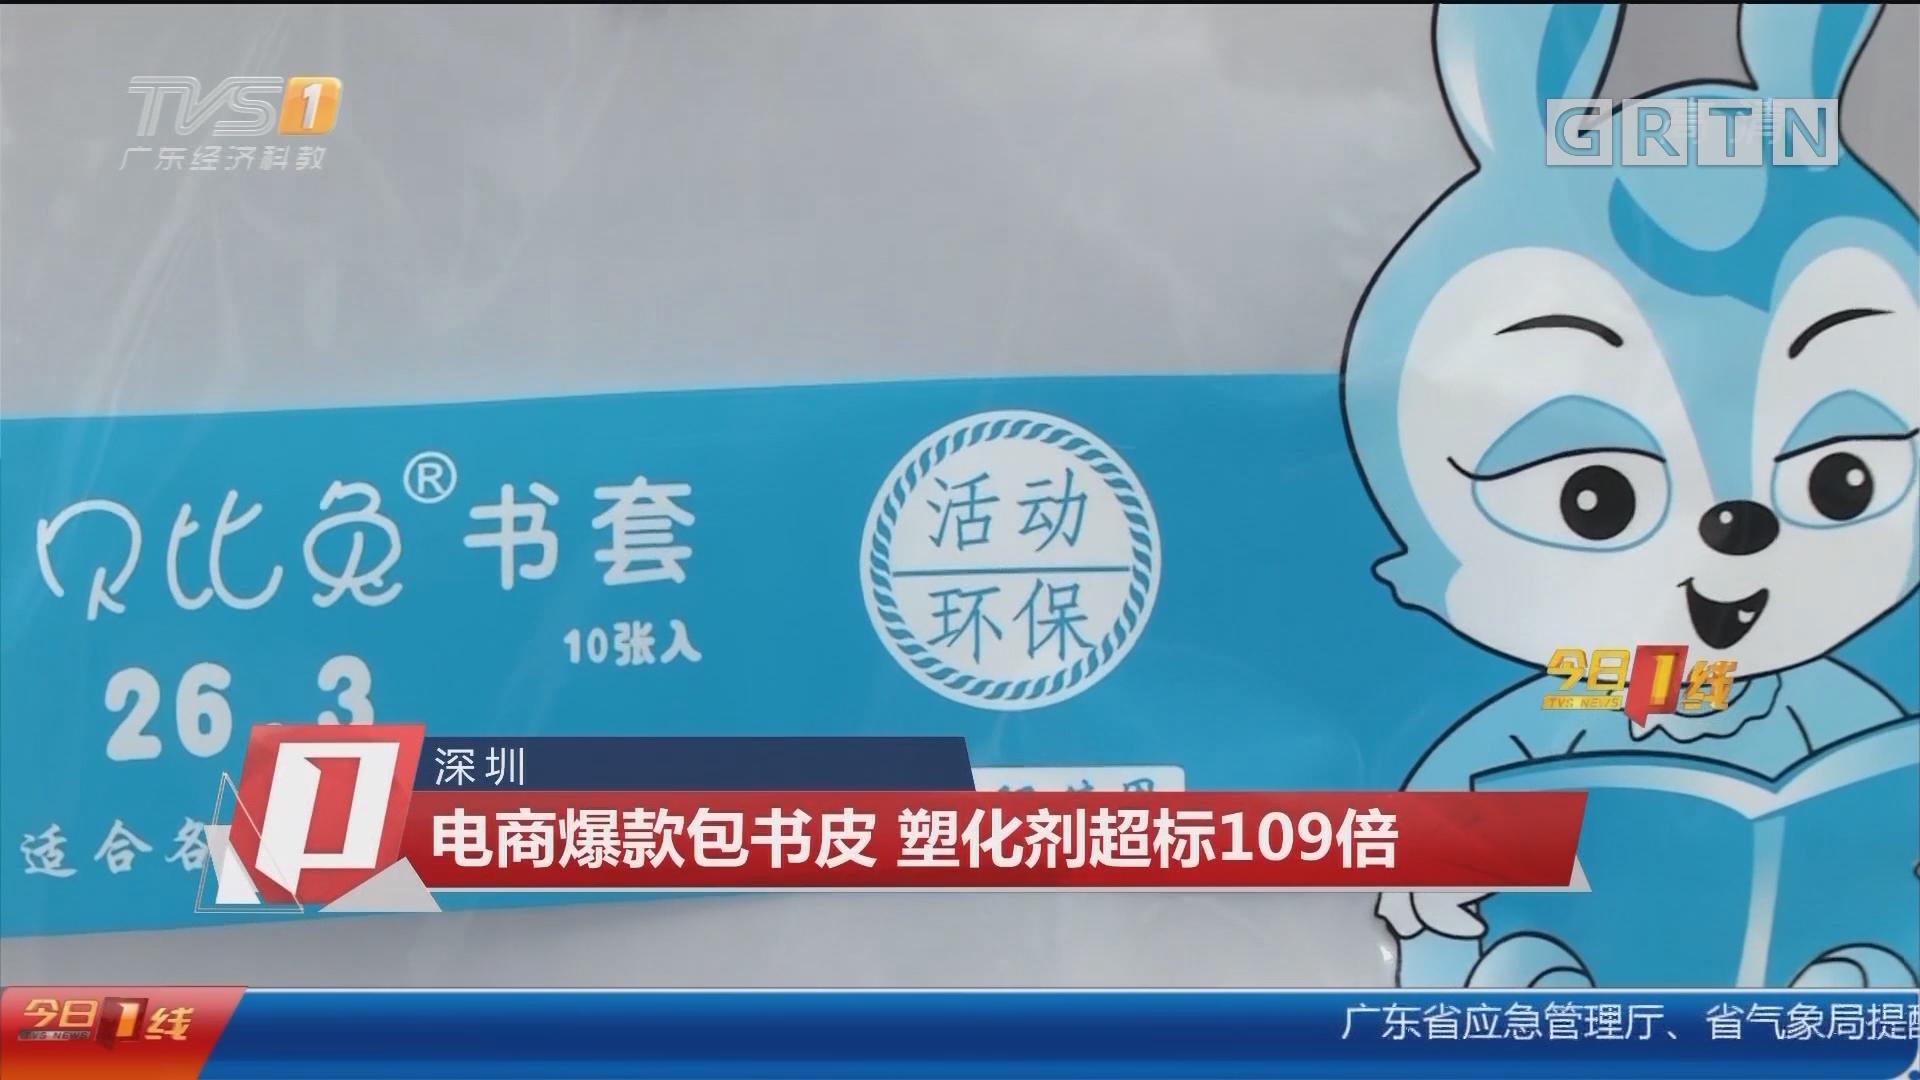 深圳:电商爆款包书皮 塑化剂超标109倍